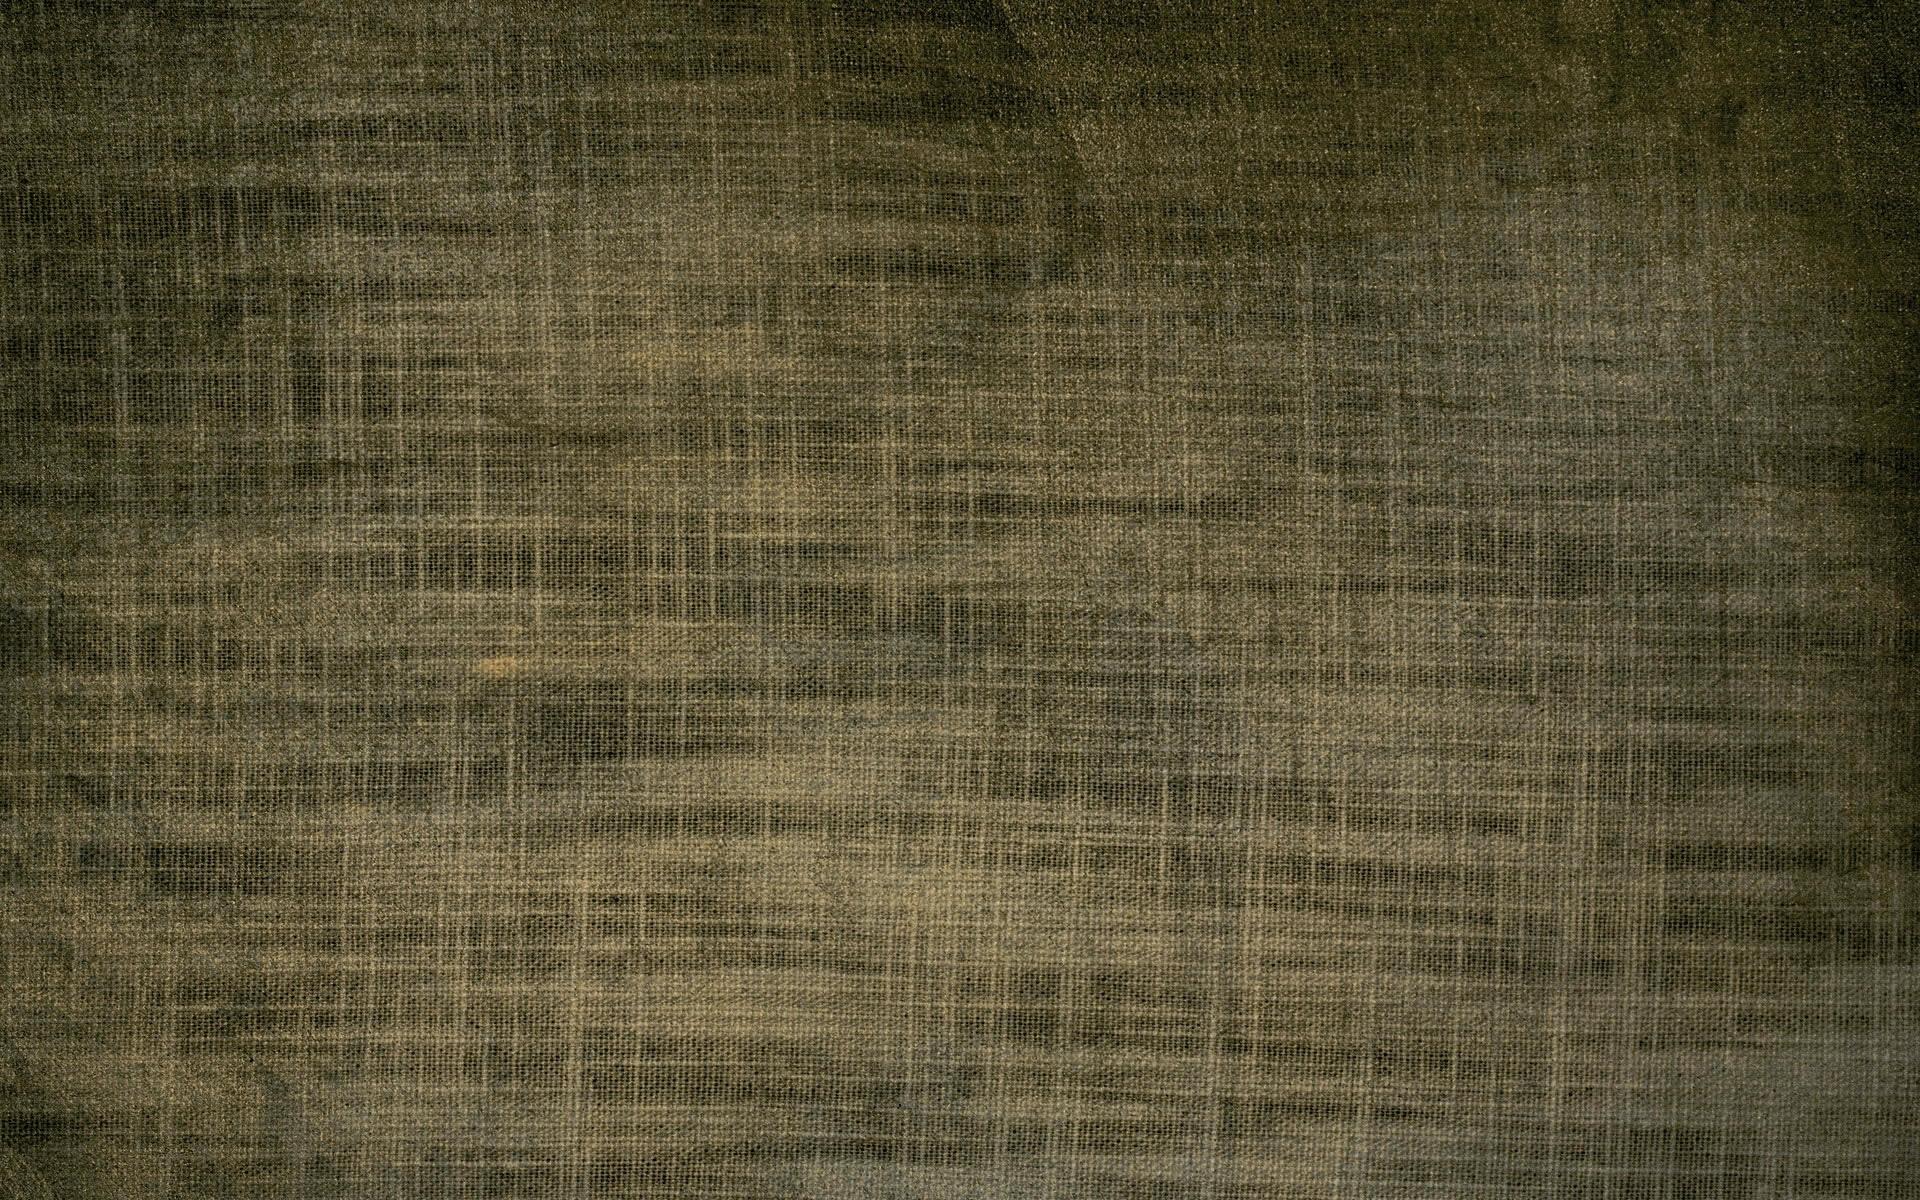 Textura de Tela Antigua - Wallpapers   1920 x 1200 jpeg 1873kB